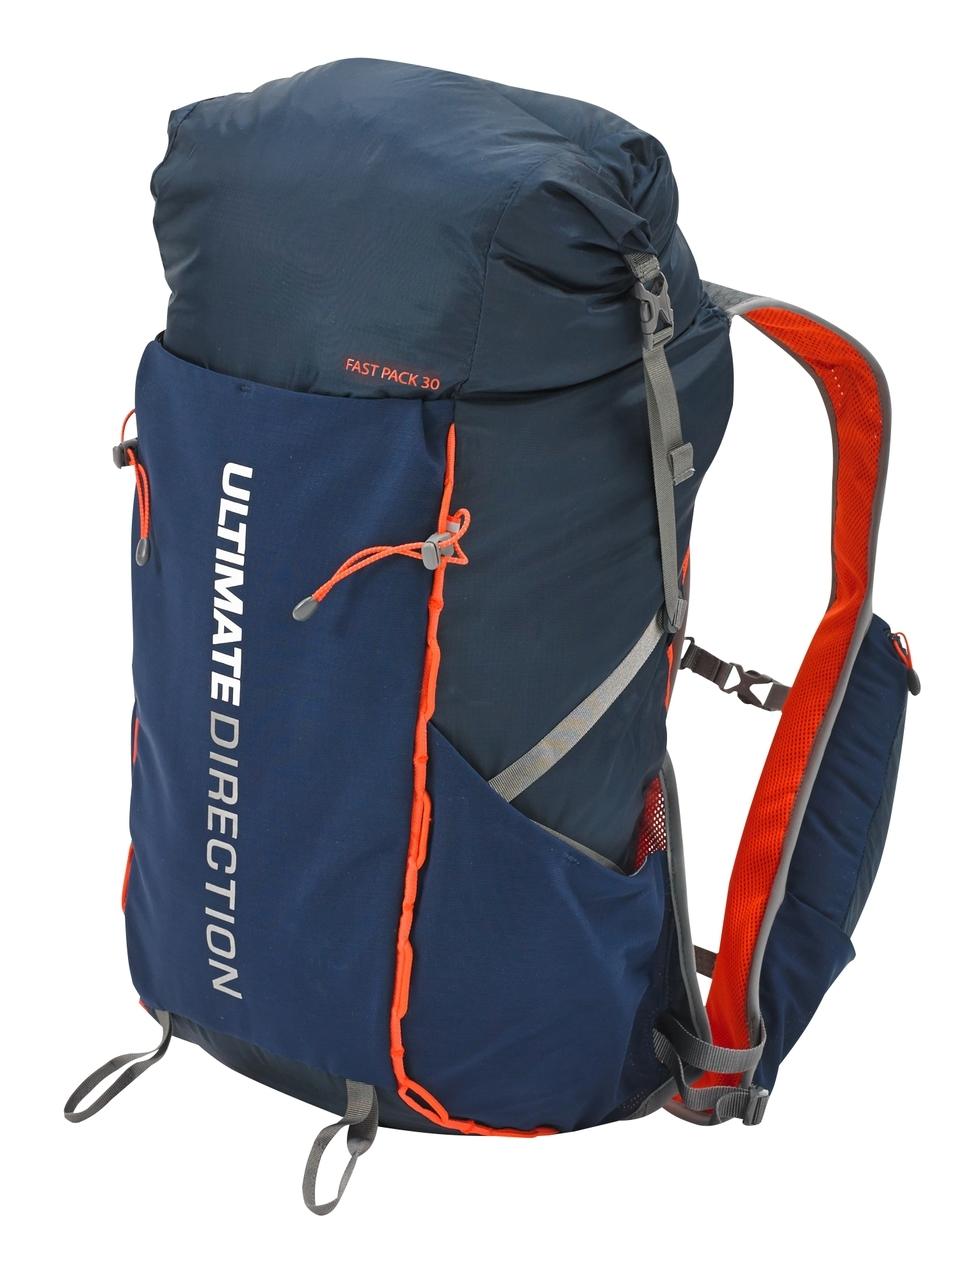 Ultimate Direction Fastpack 30 - Rygsæk - 20-31 liter - Navy/orange | Travel bags